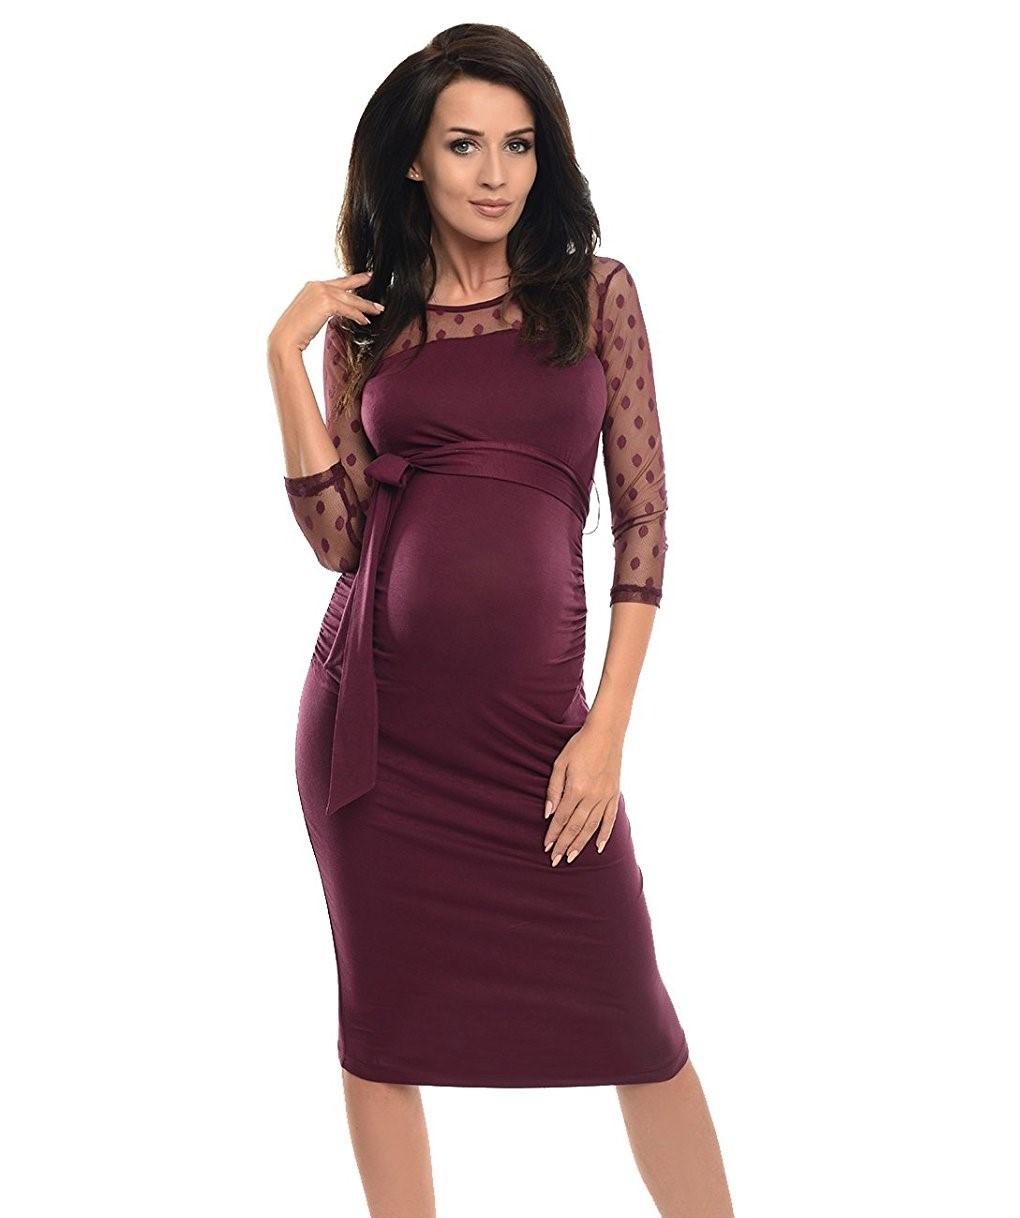 Vetement Grossesse Maternite Allaitement Chic Pas Cher Dressing Maternity